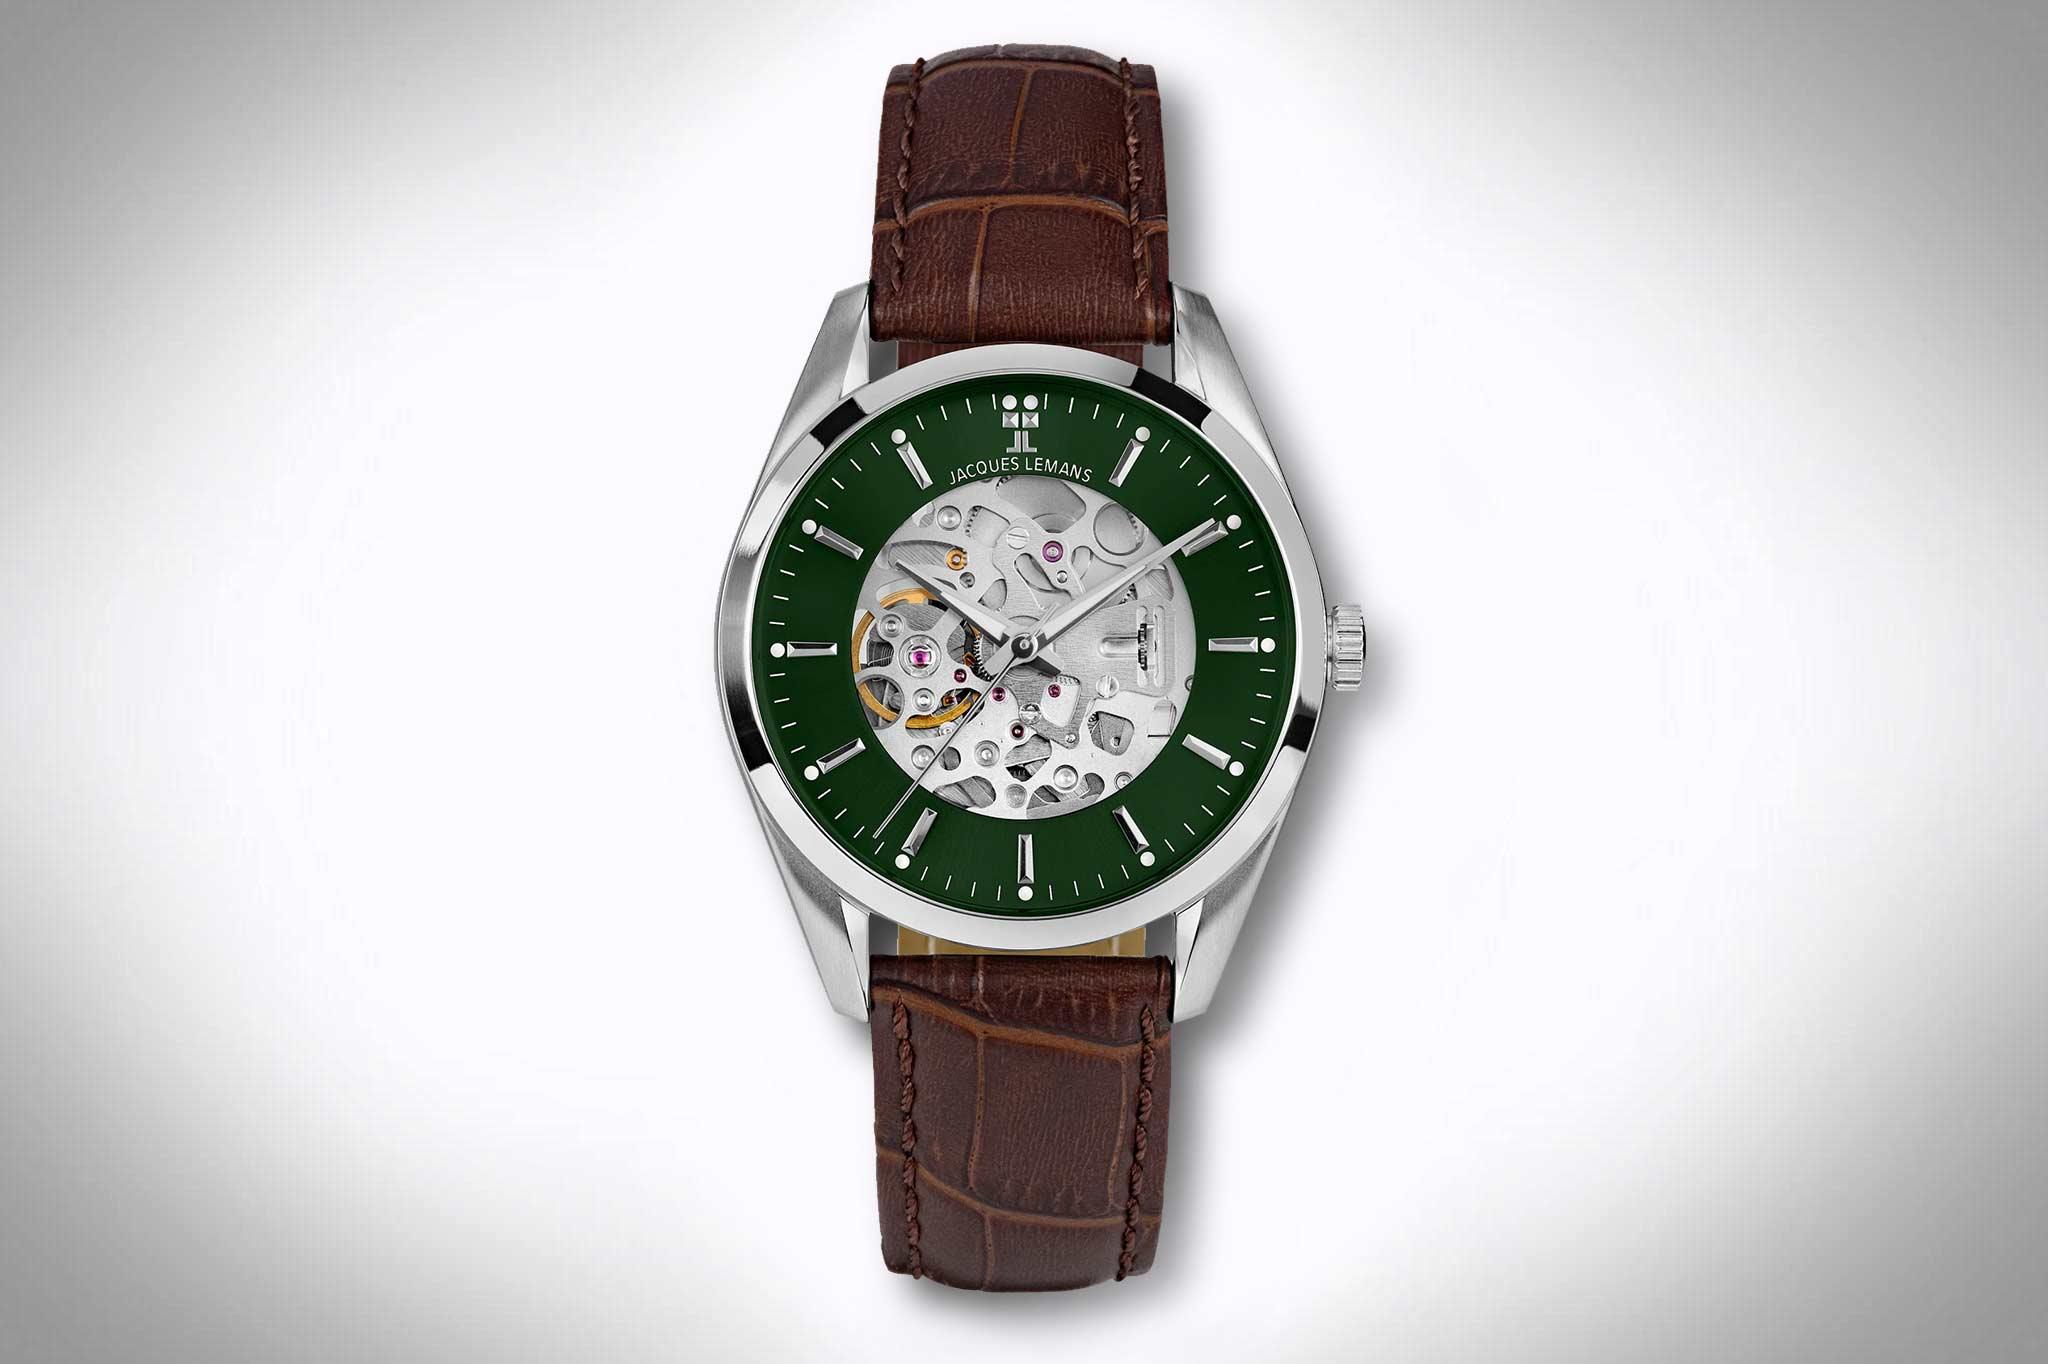 Uhren mit grünem Zifferblatt – Jacques Lemans Derby Automatic 1-2087